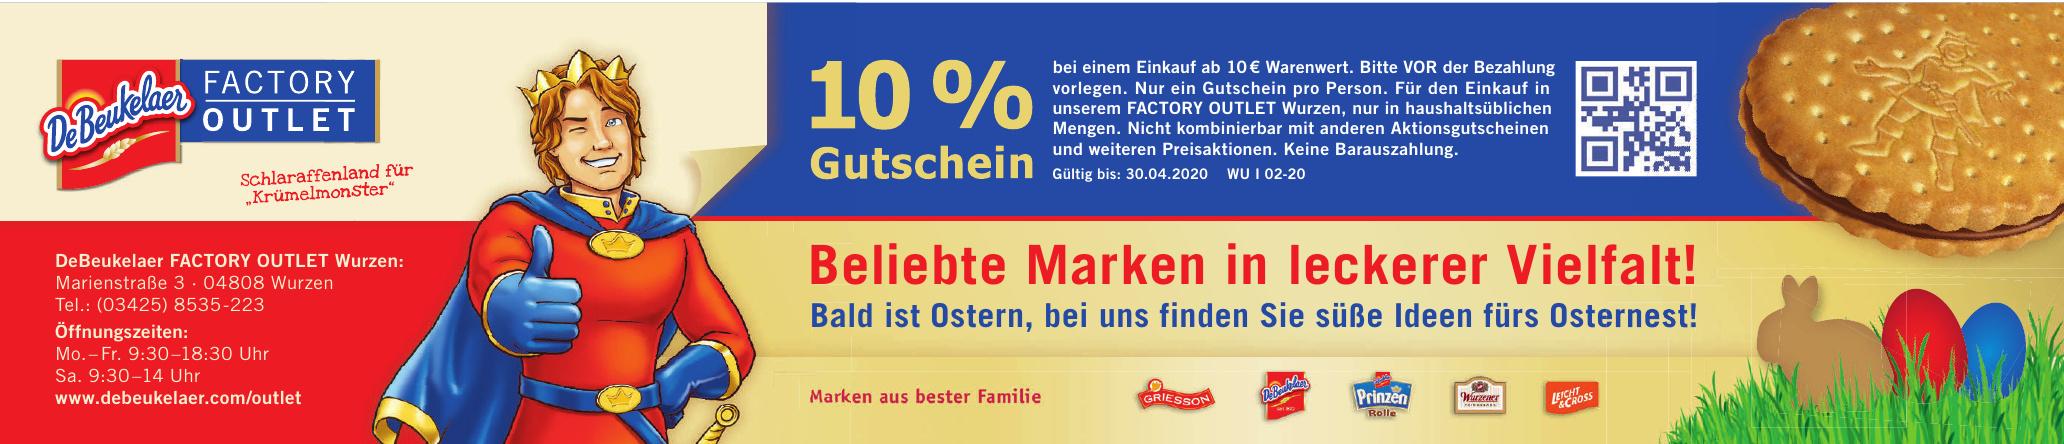 DeBeukelaer FACTORY OUTLET Wurzen